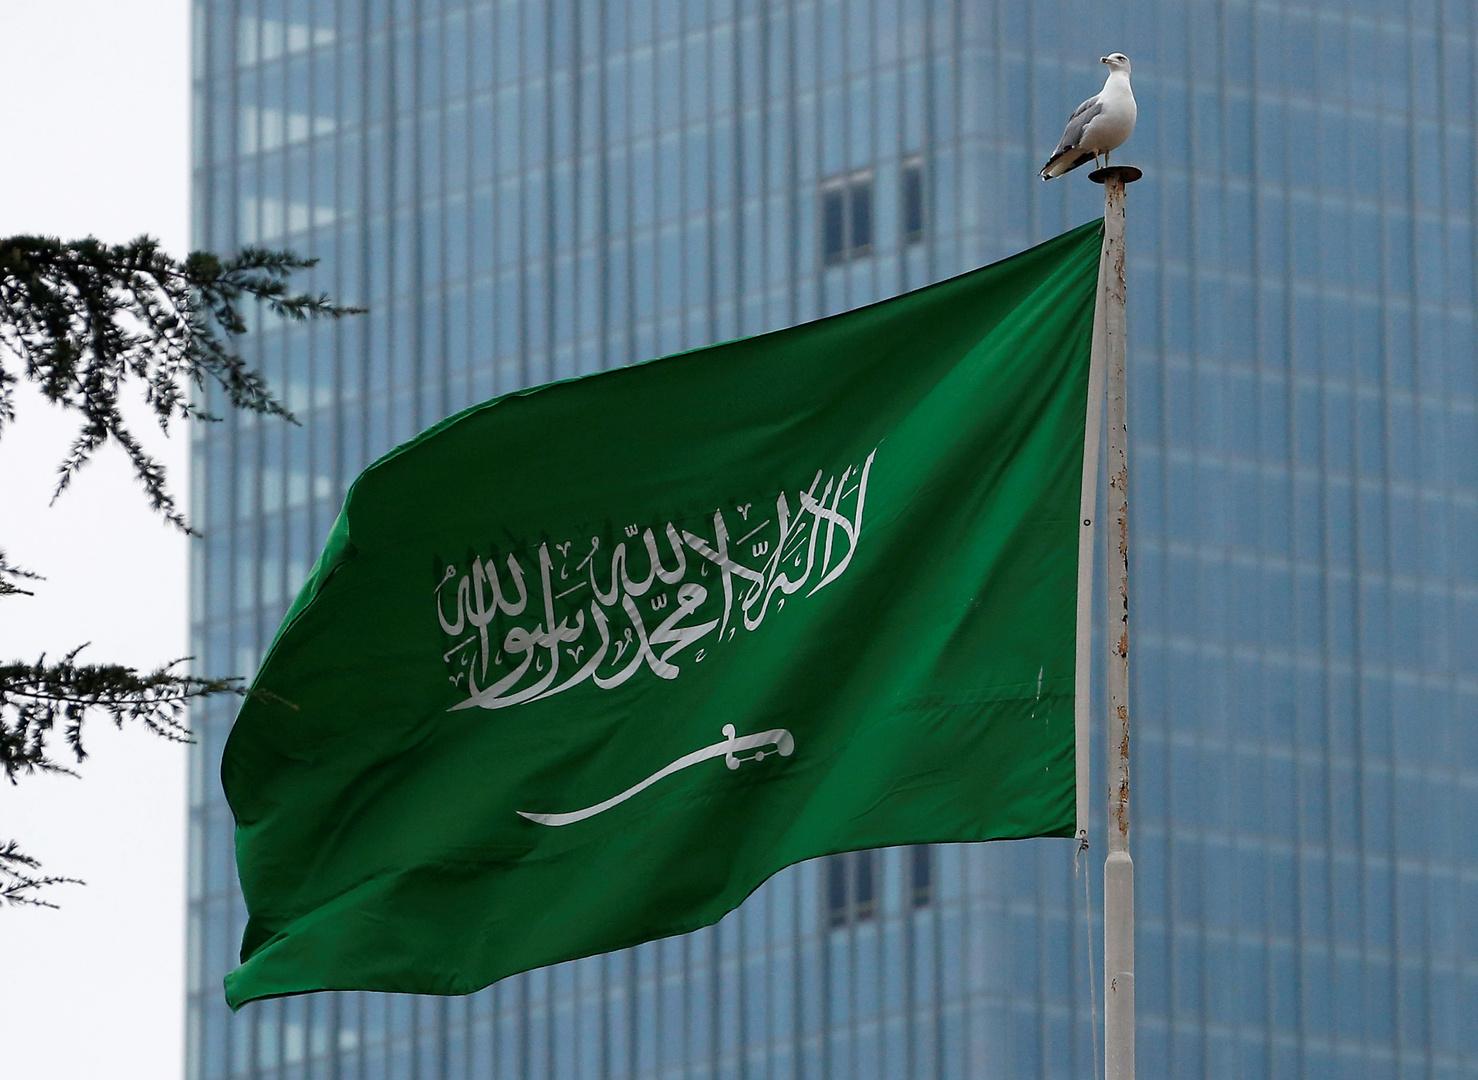 السعودية تتفاوض مع منتجين من أجل توفير لقاحات ضد كورونا لدول غير قادرة على شرائها